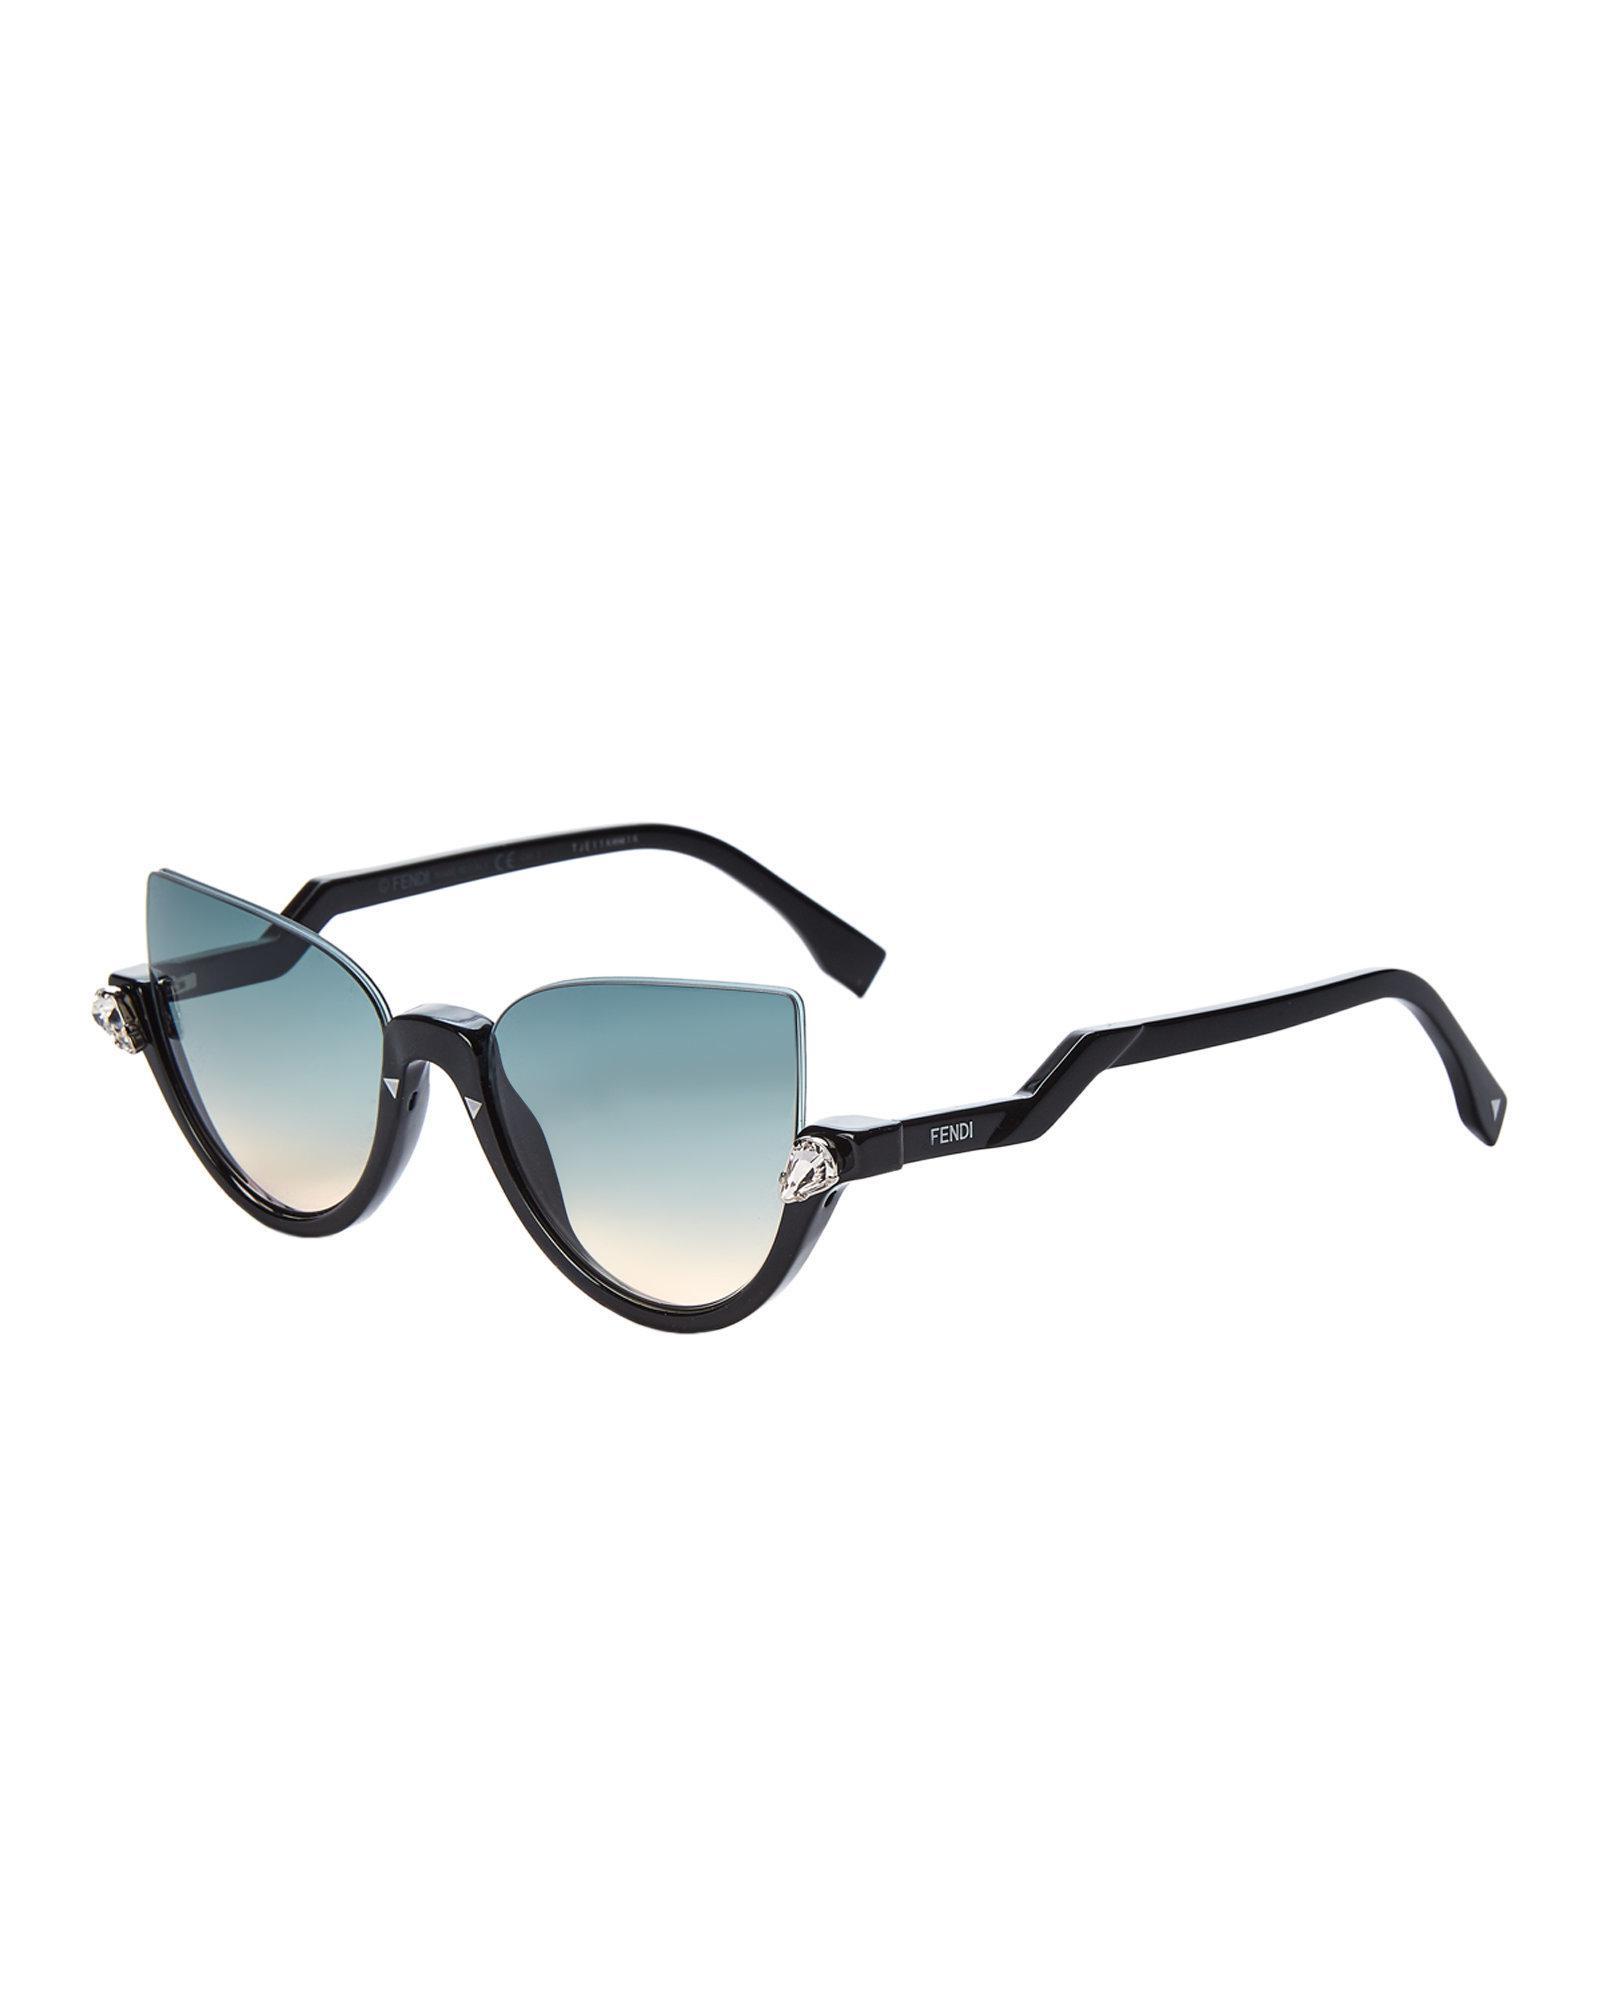 864a8ad3eb Lyst - Fendi Ff0138 s Black Half-rim Sunglasses in Black